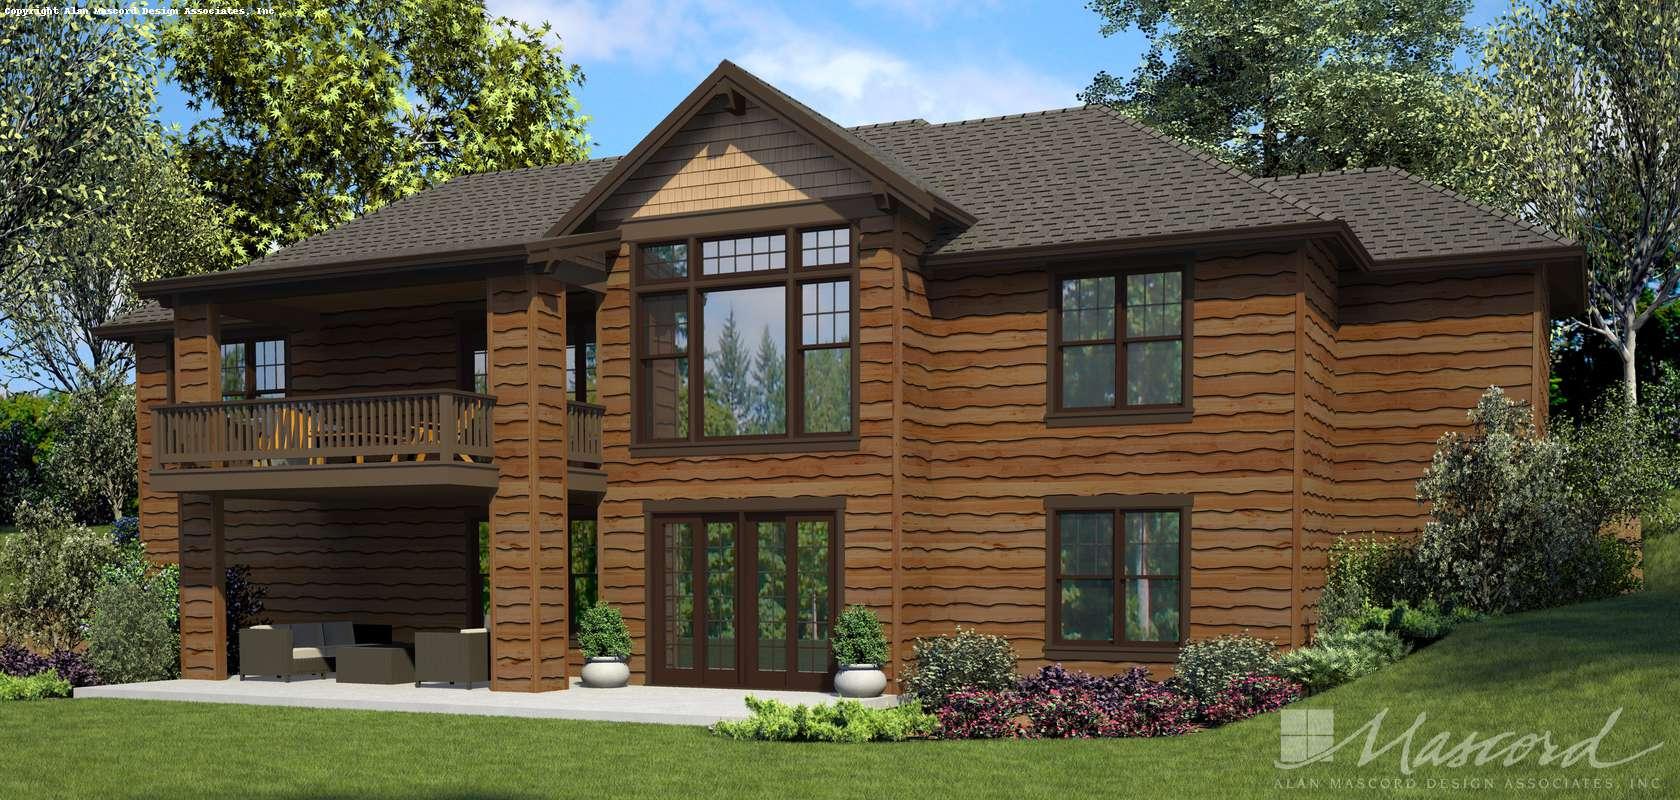 Mascord House Plan 1177A: The Haich